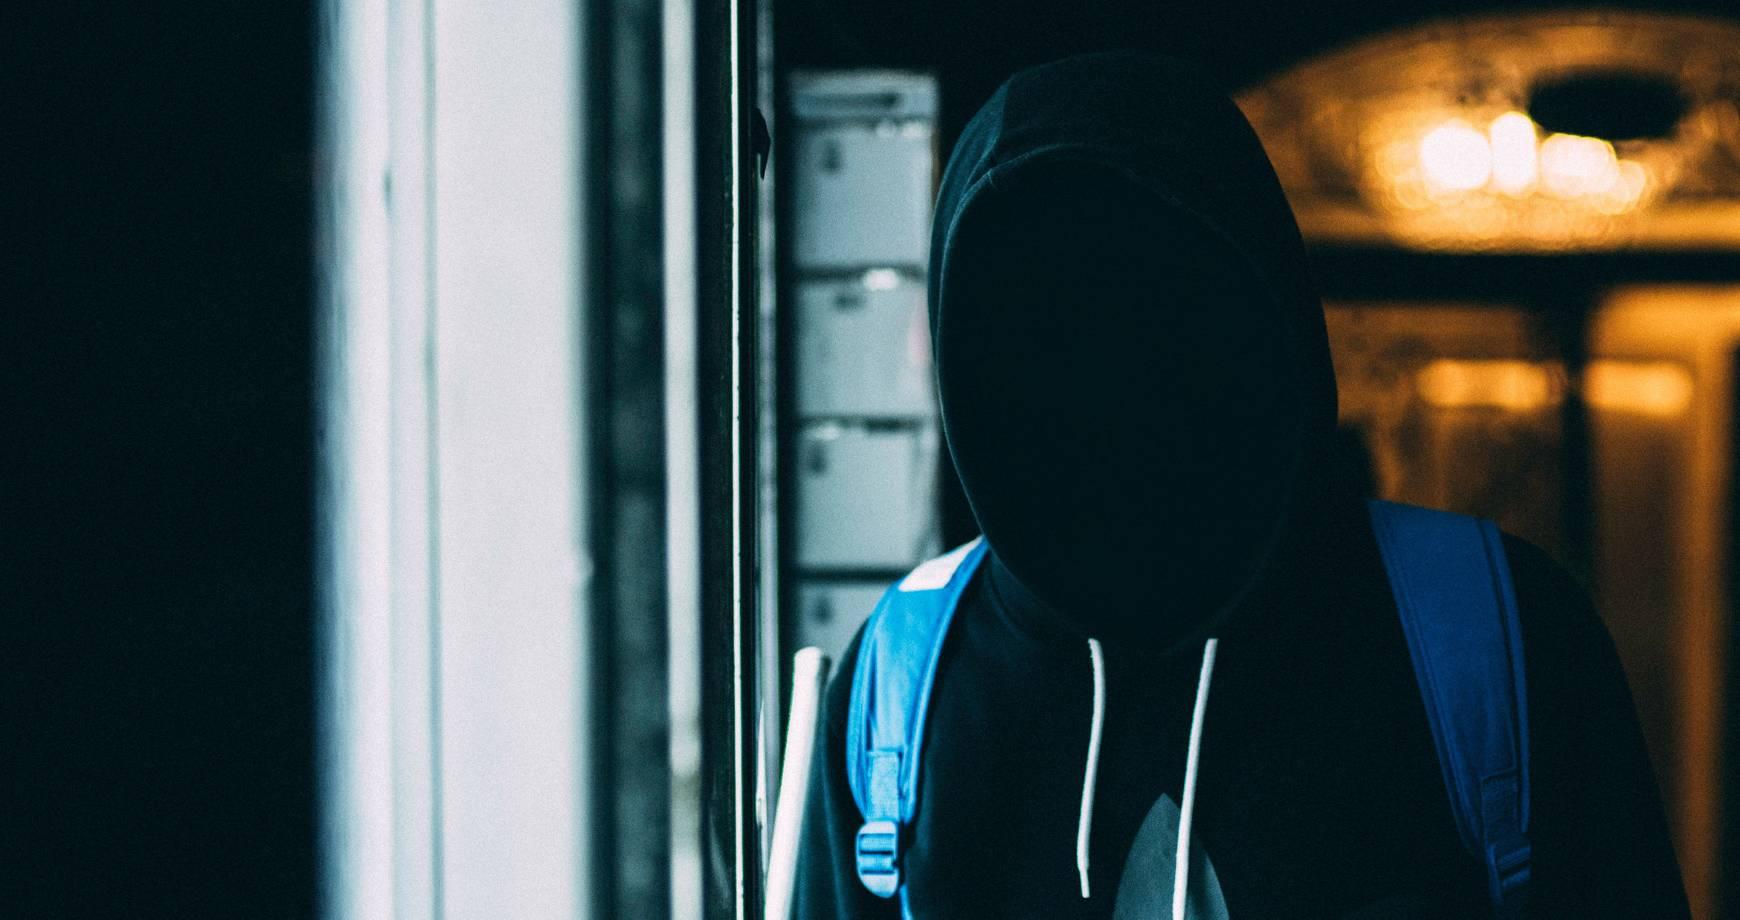 Úrady spretrhali sieť kyberzločincov z východnej Európy